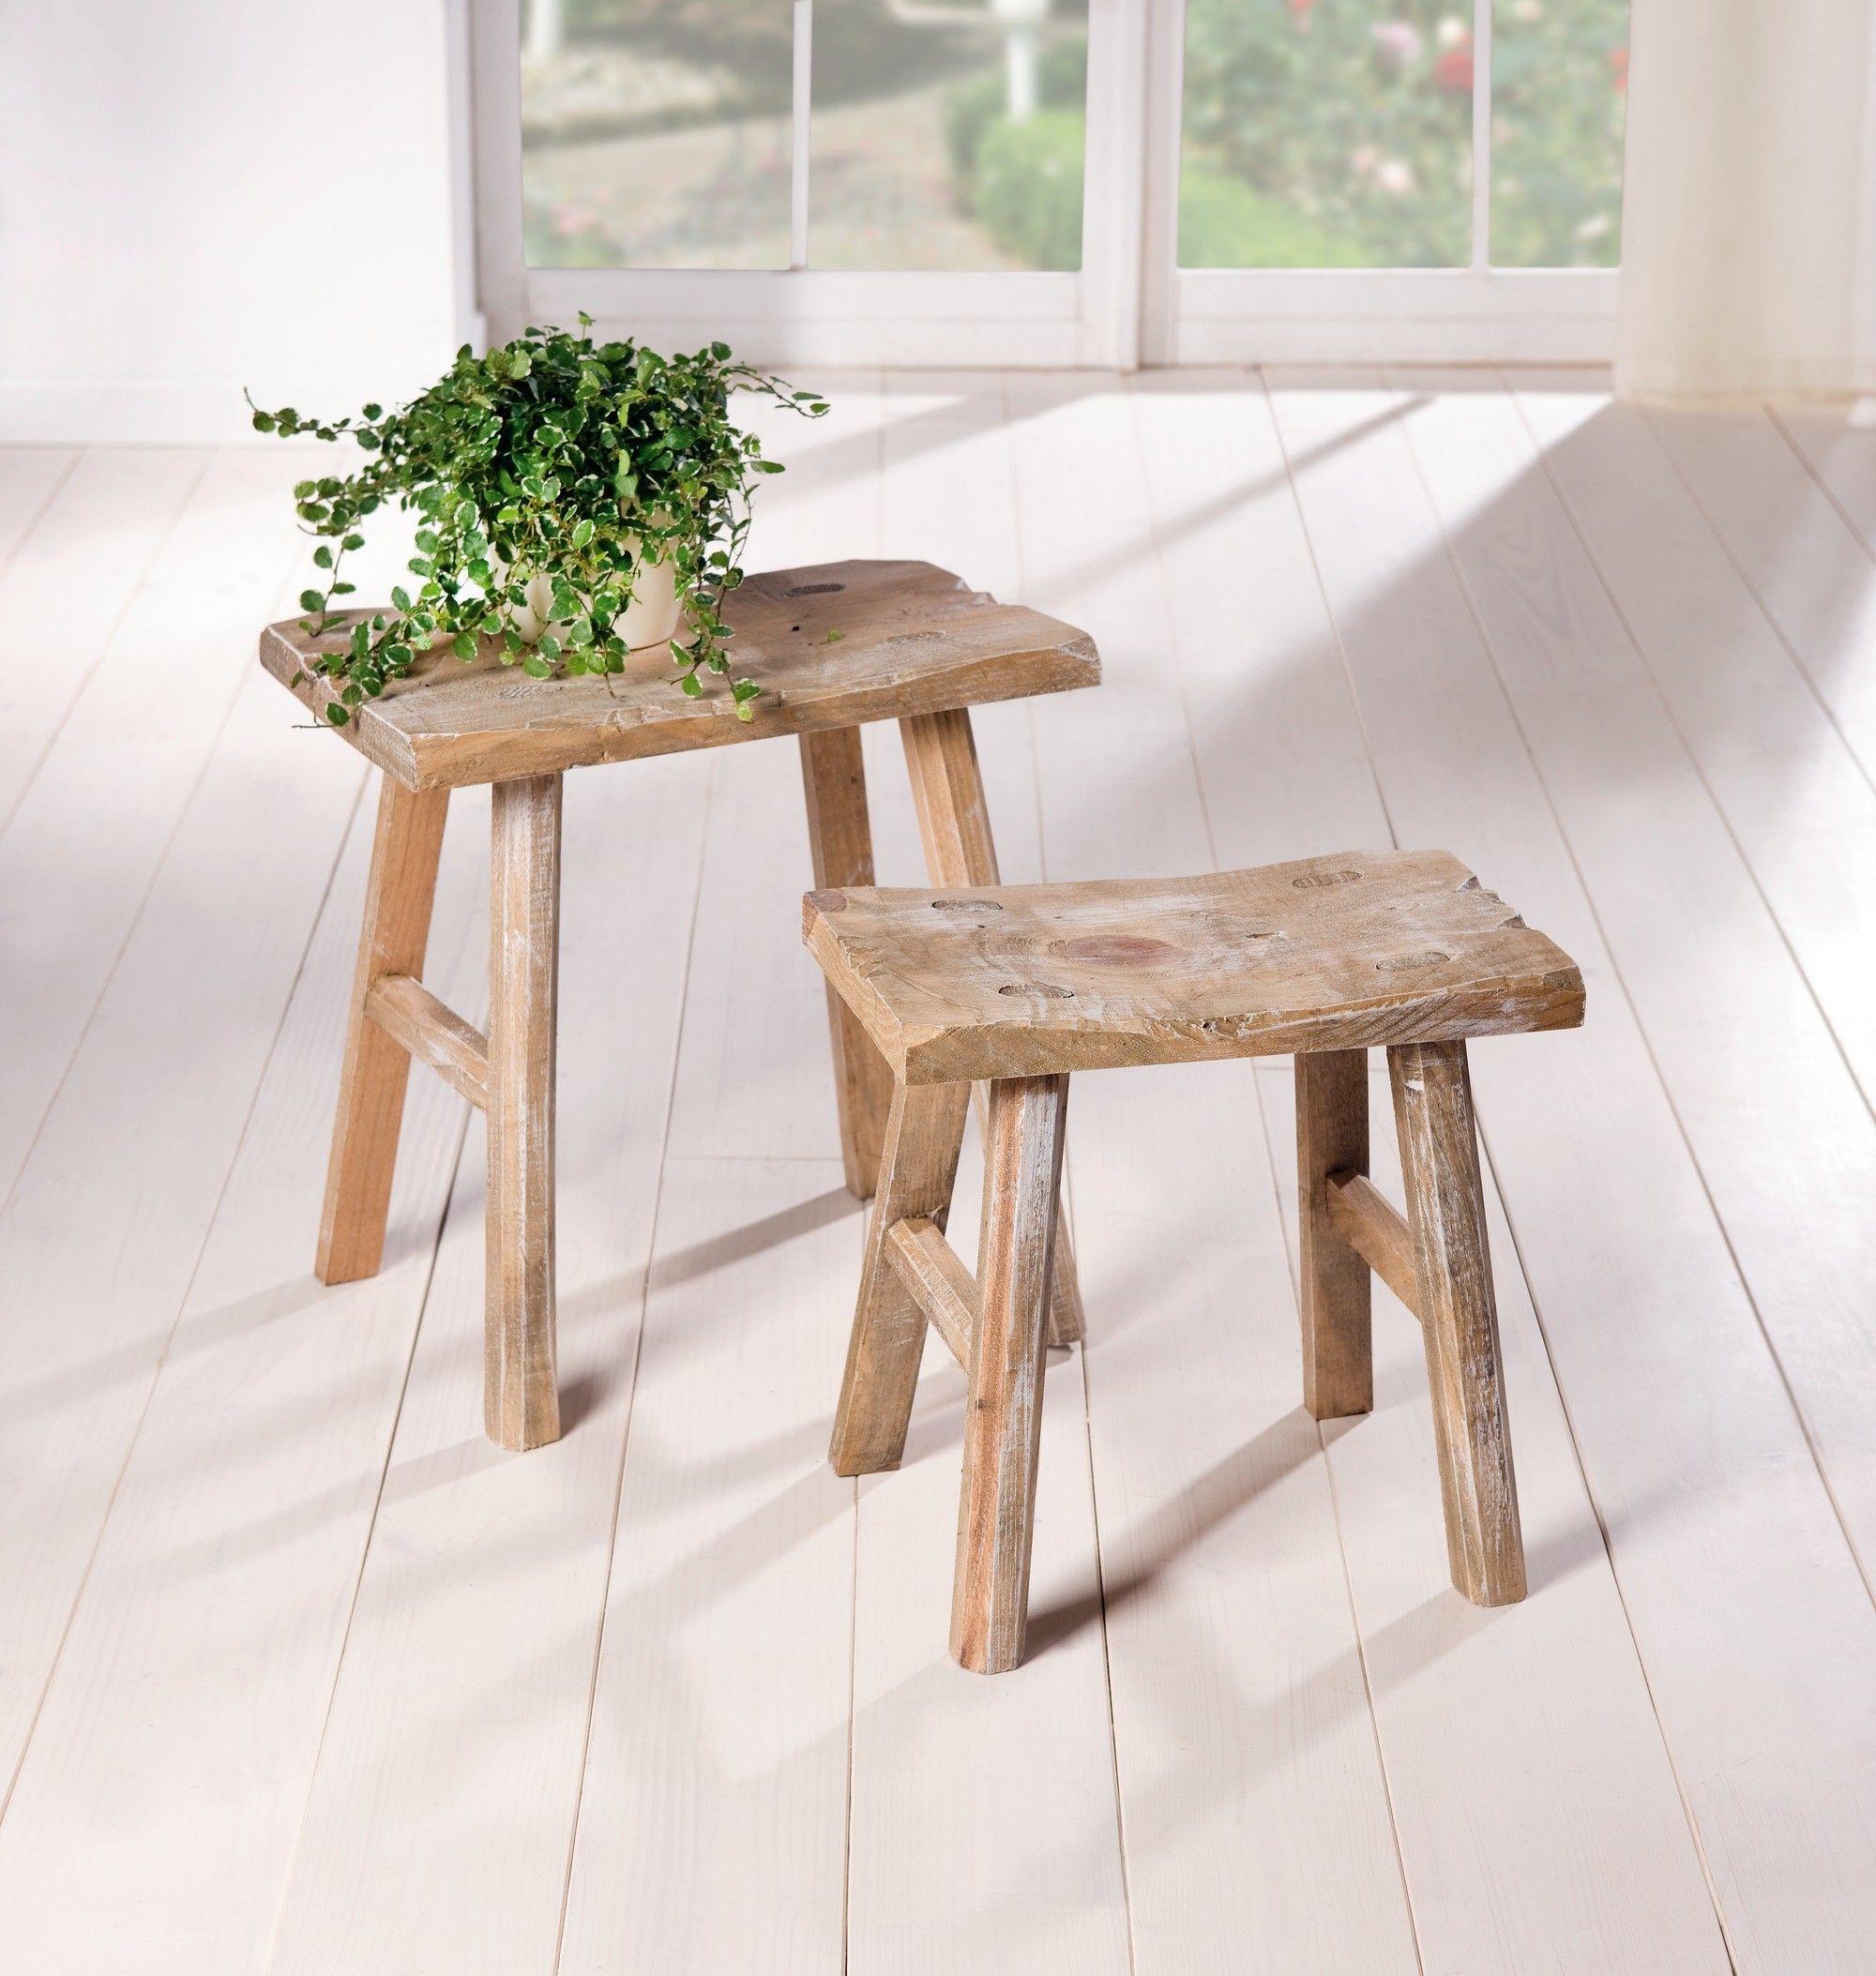 holz hocker rustikal 2er set hellbraun gekalktes. Black Bedroom Furniture Sets. Home Design Ideas